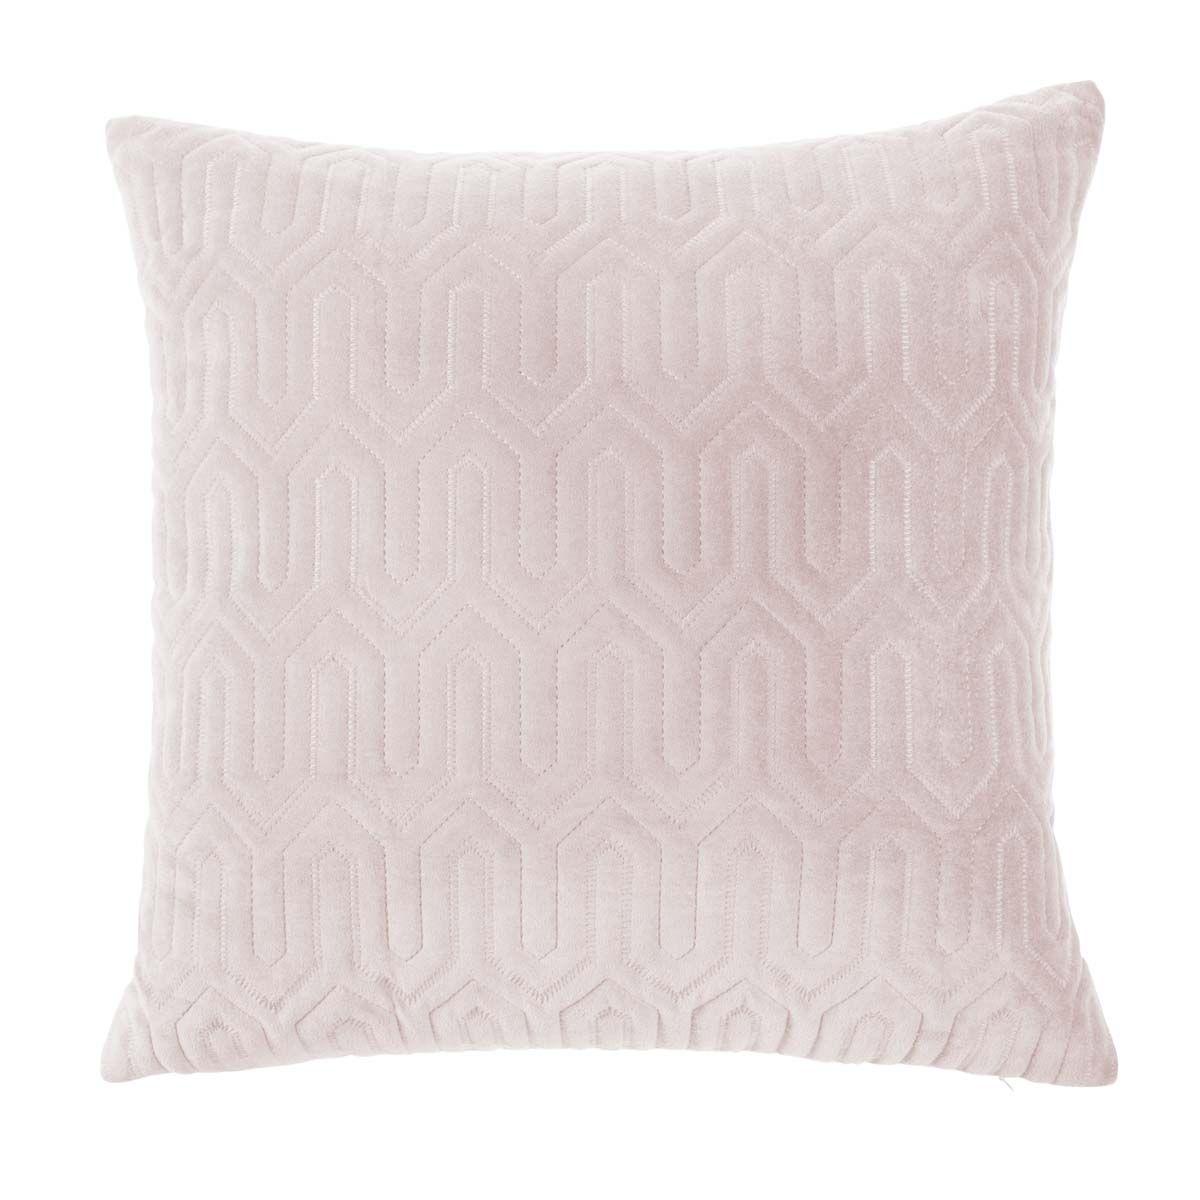 Housse de coussin en velours blanc carrée 50 x 50 cm